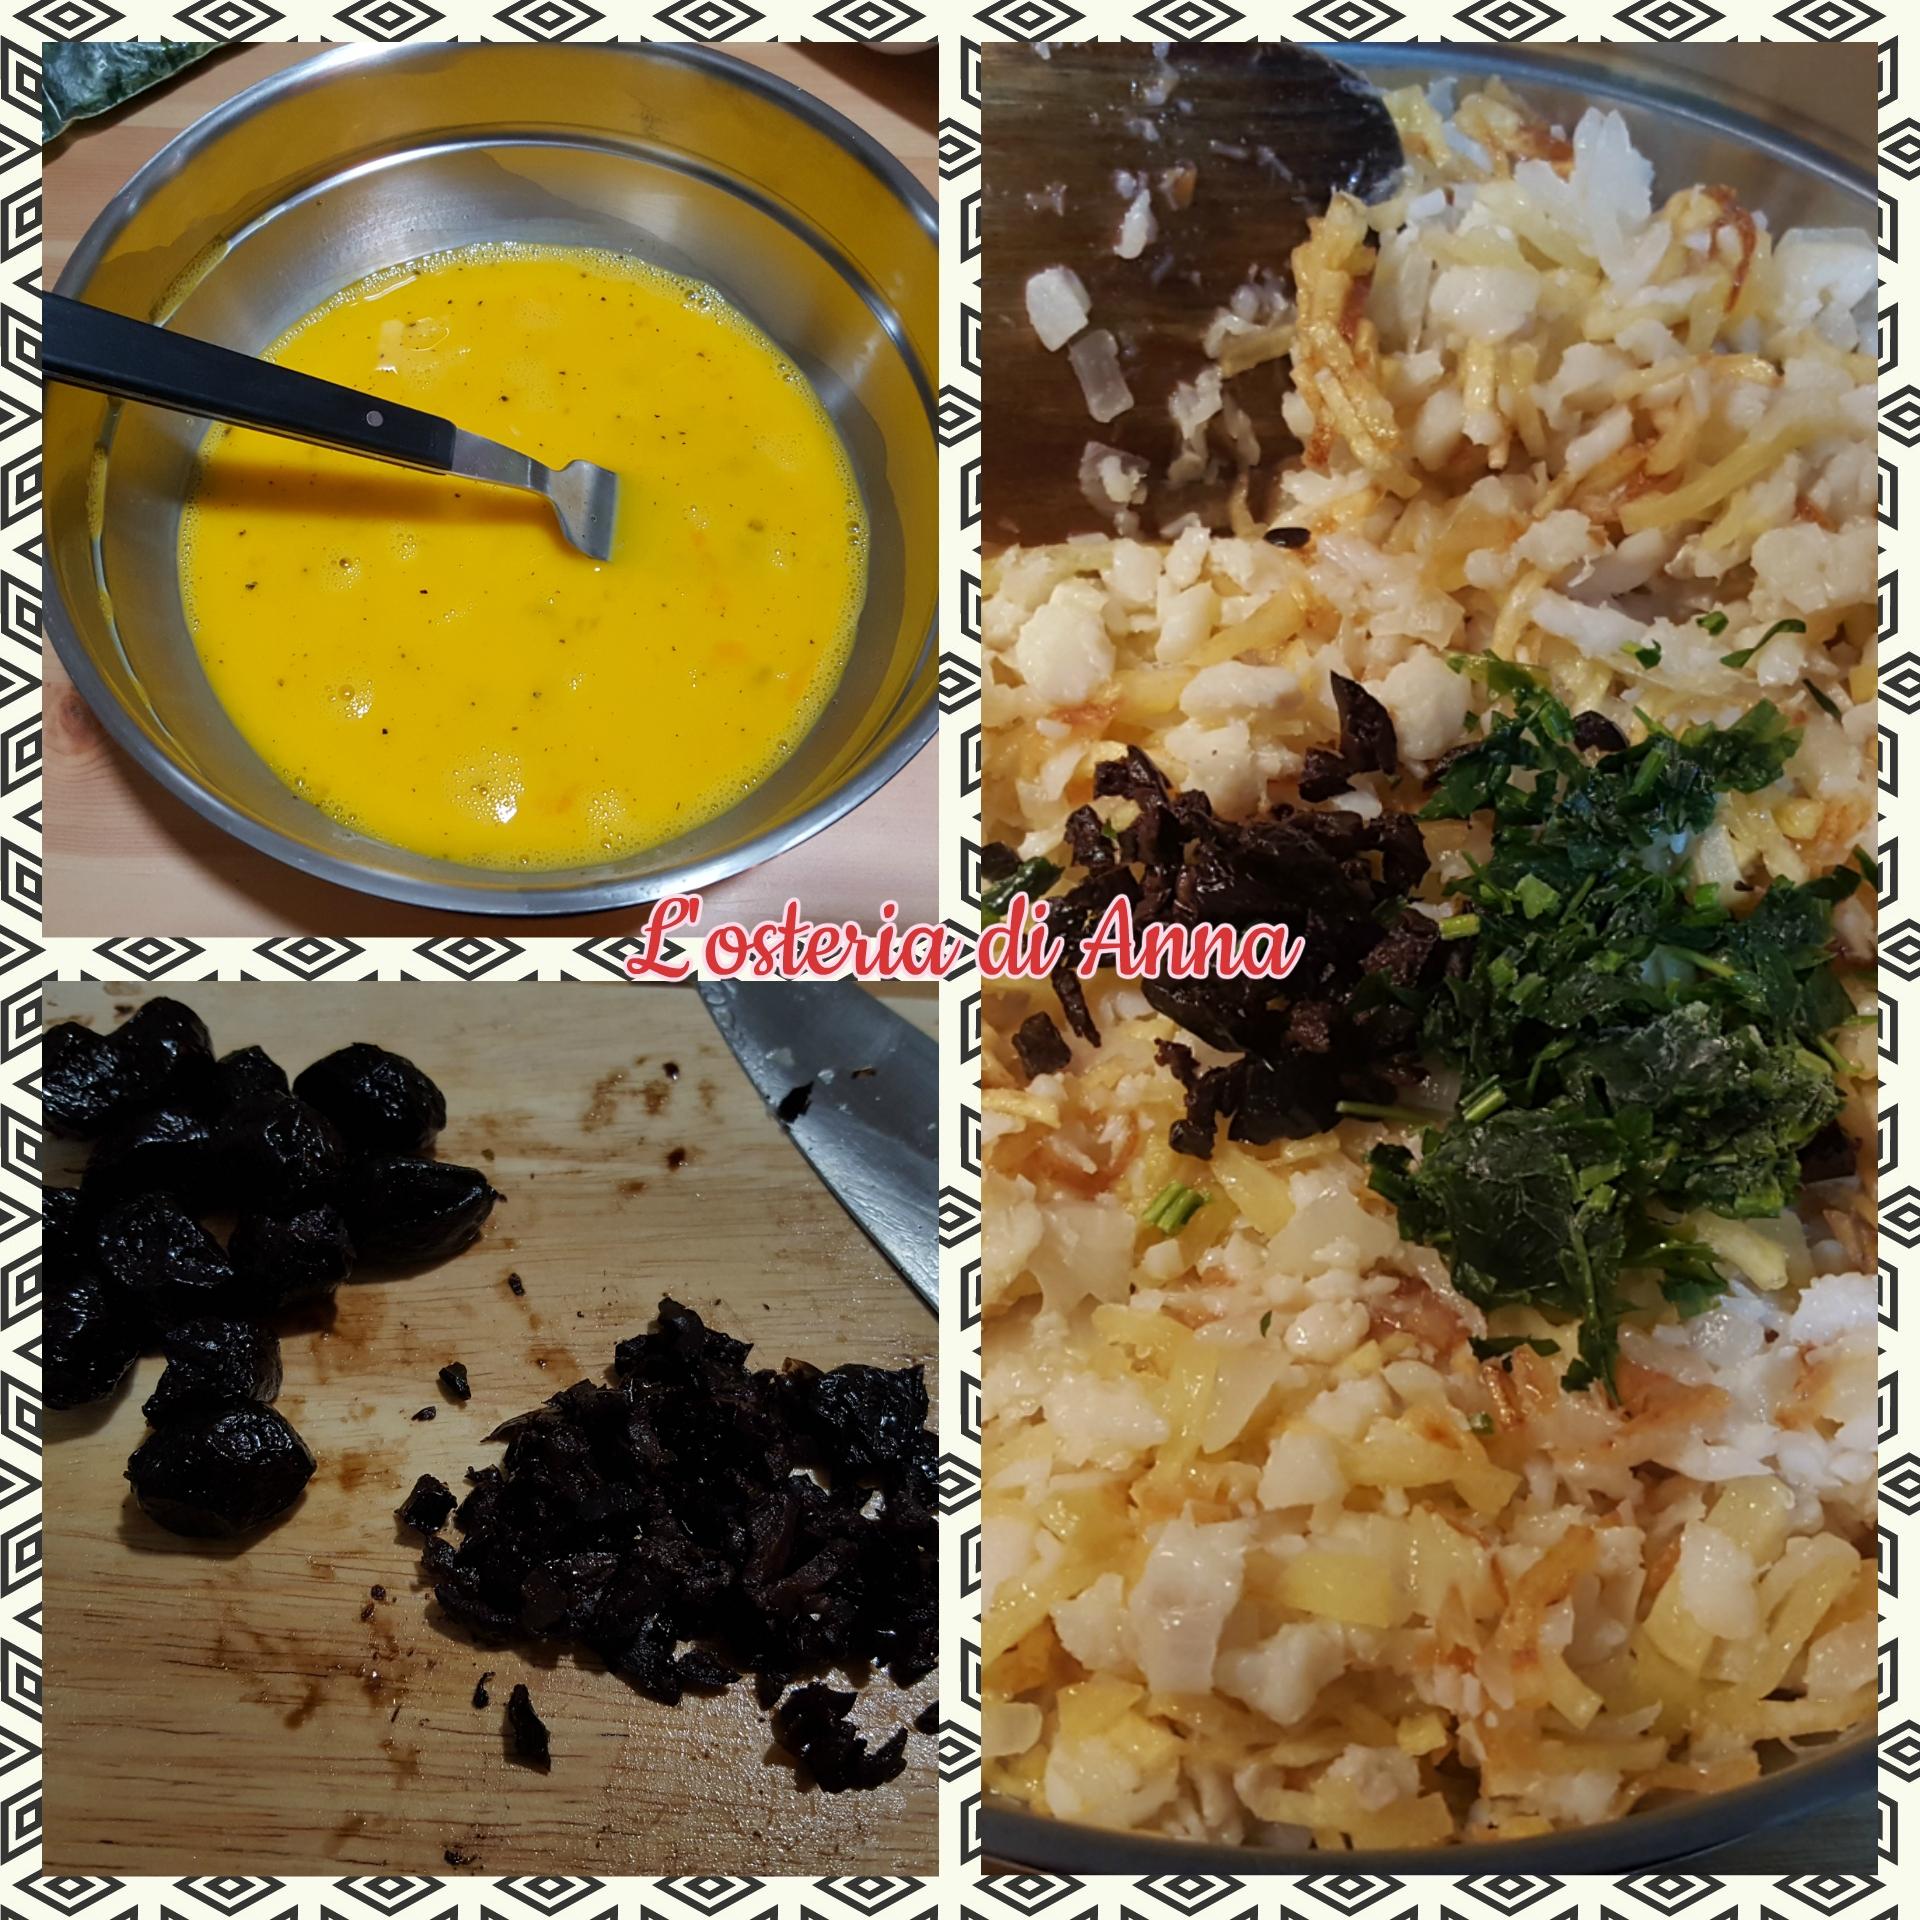 Aggiunta dell'uovo, prezzemolo e olive al composto di patate e baccalà